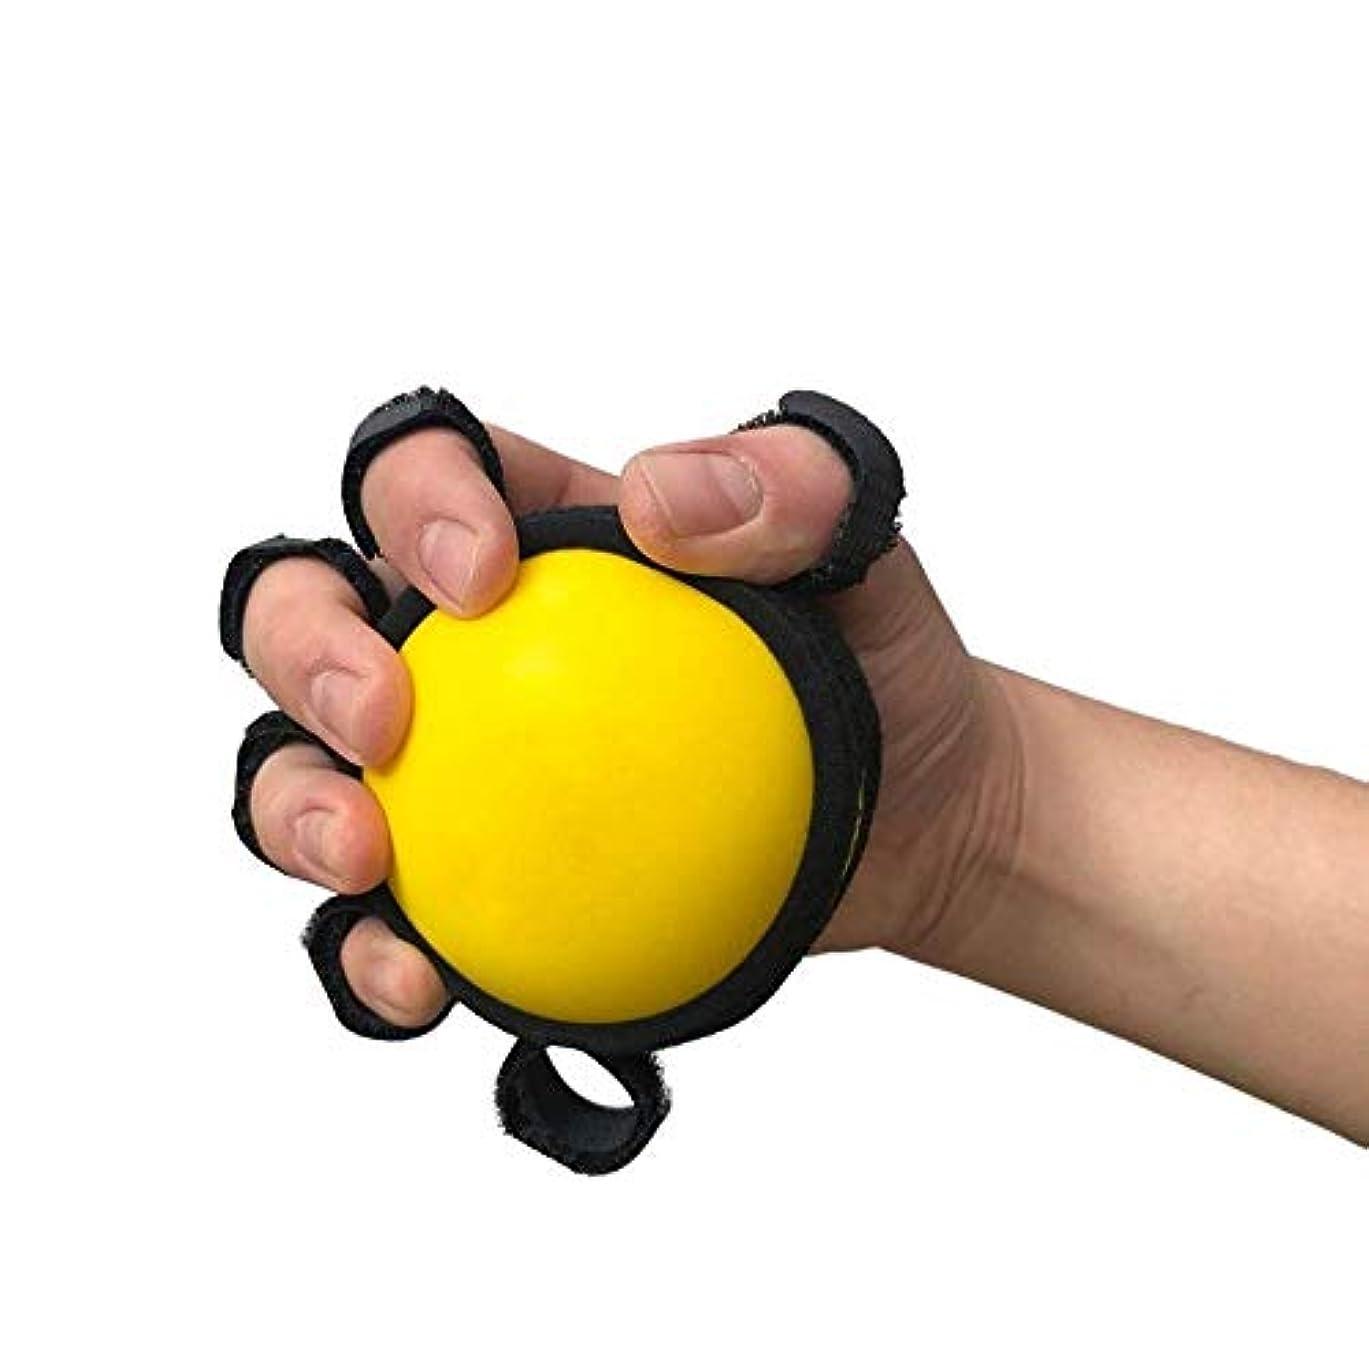 賭け音声学集計ハンドセラピー運動ボール、脳卒中、片麻痺を軽減するための5本指分離ボールリハビリテーショントレーニング